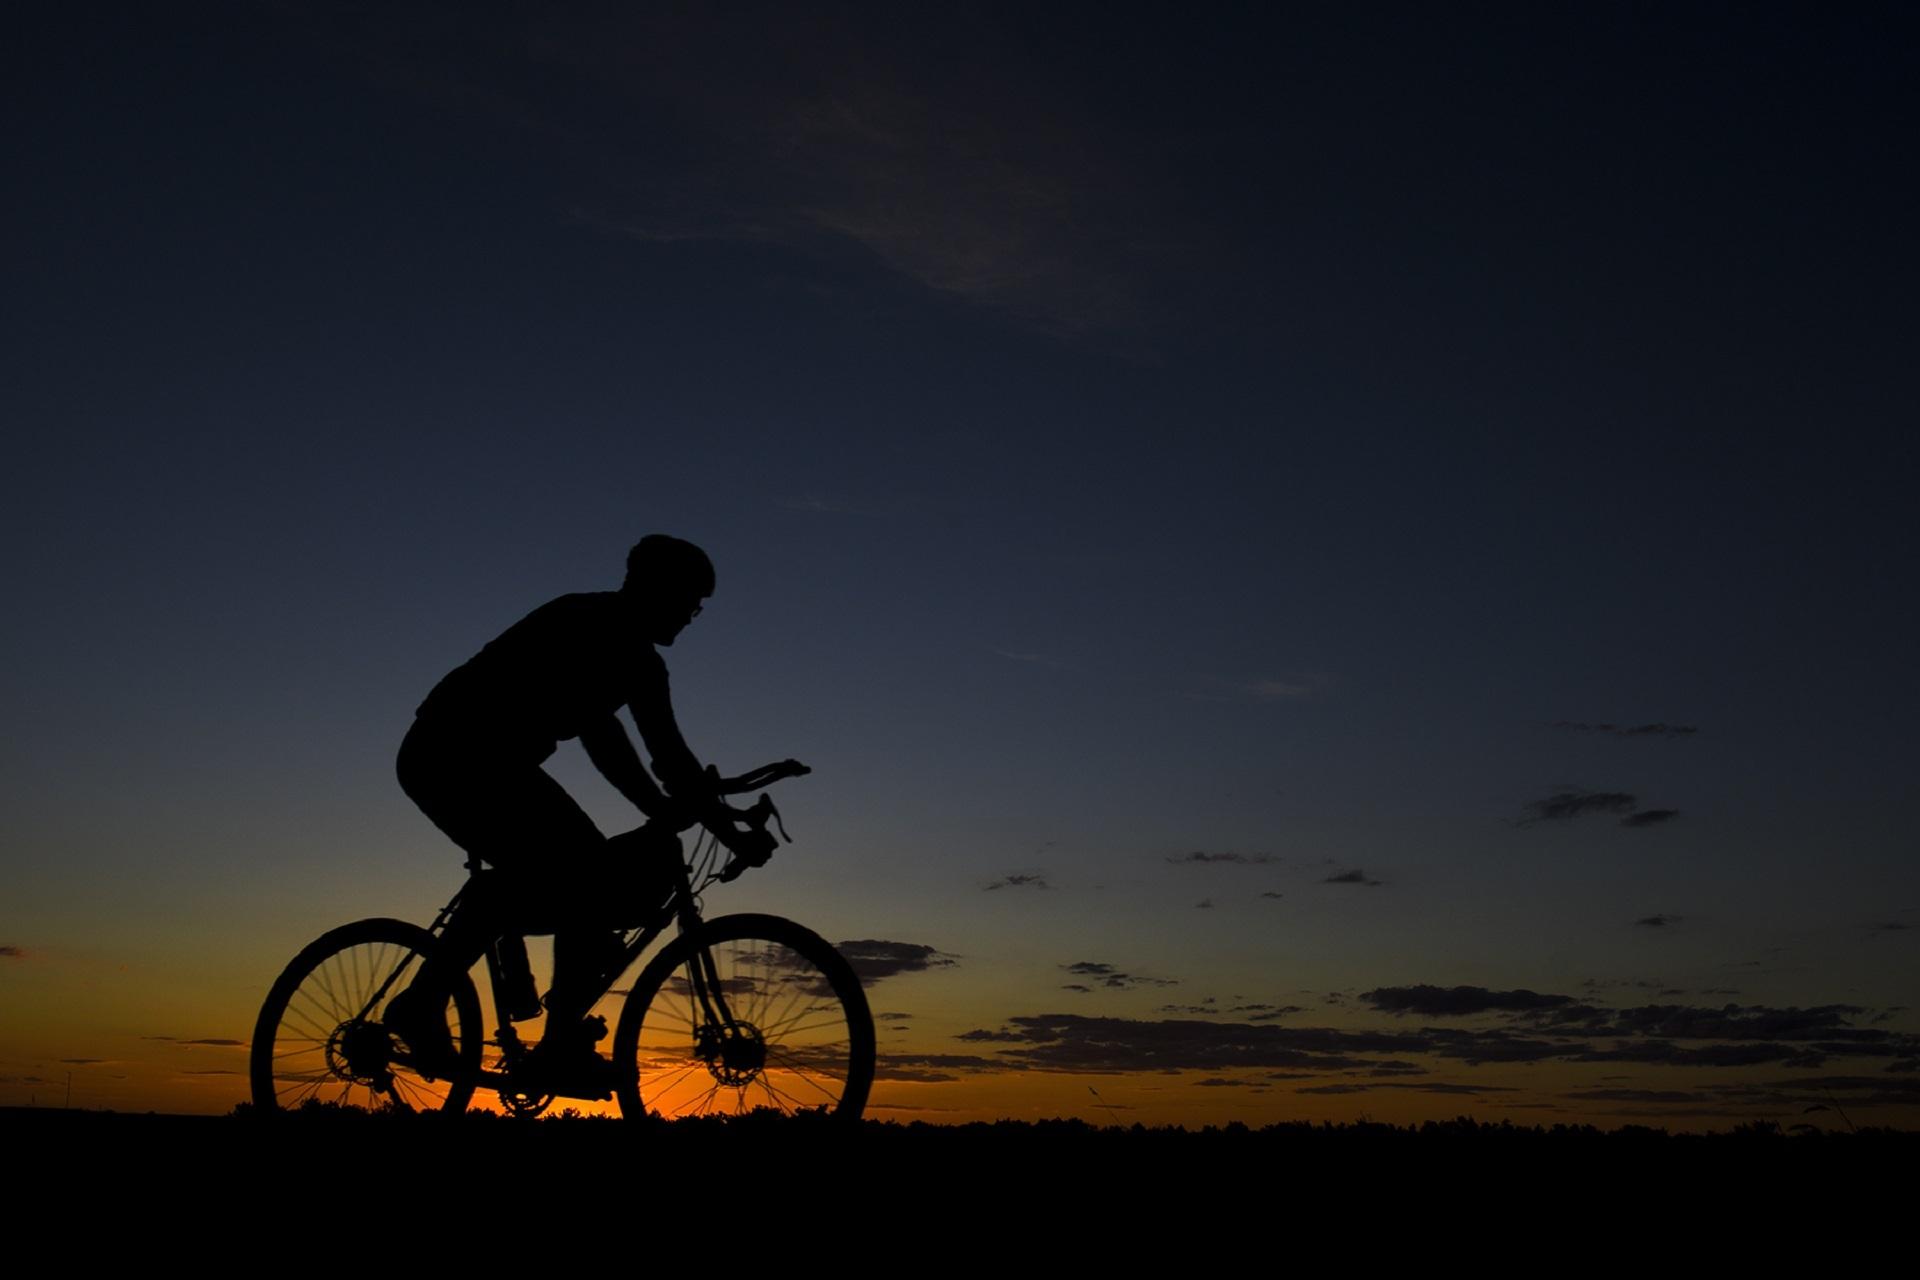 Wielrennen in het donker - Racefietstips